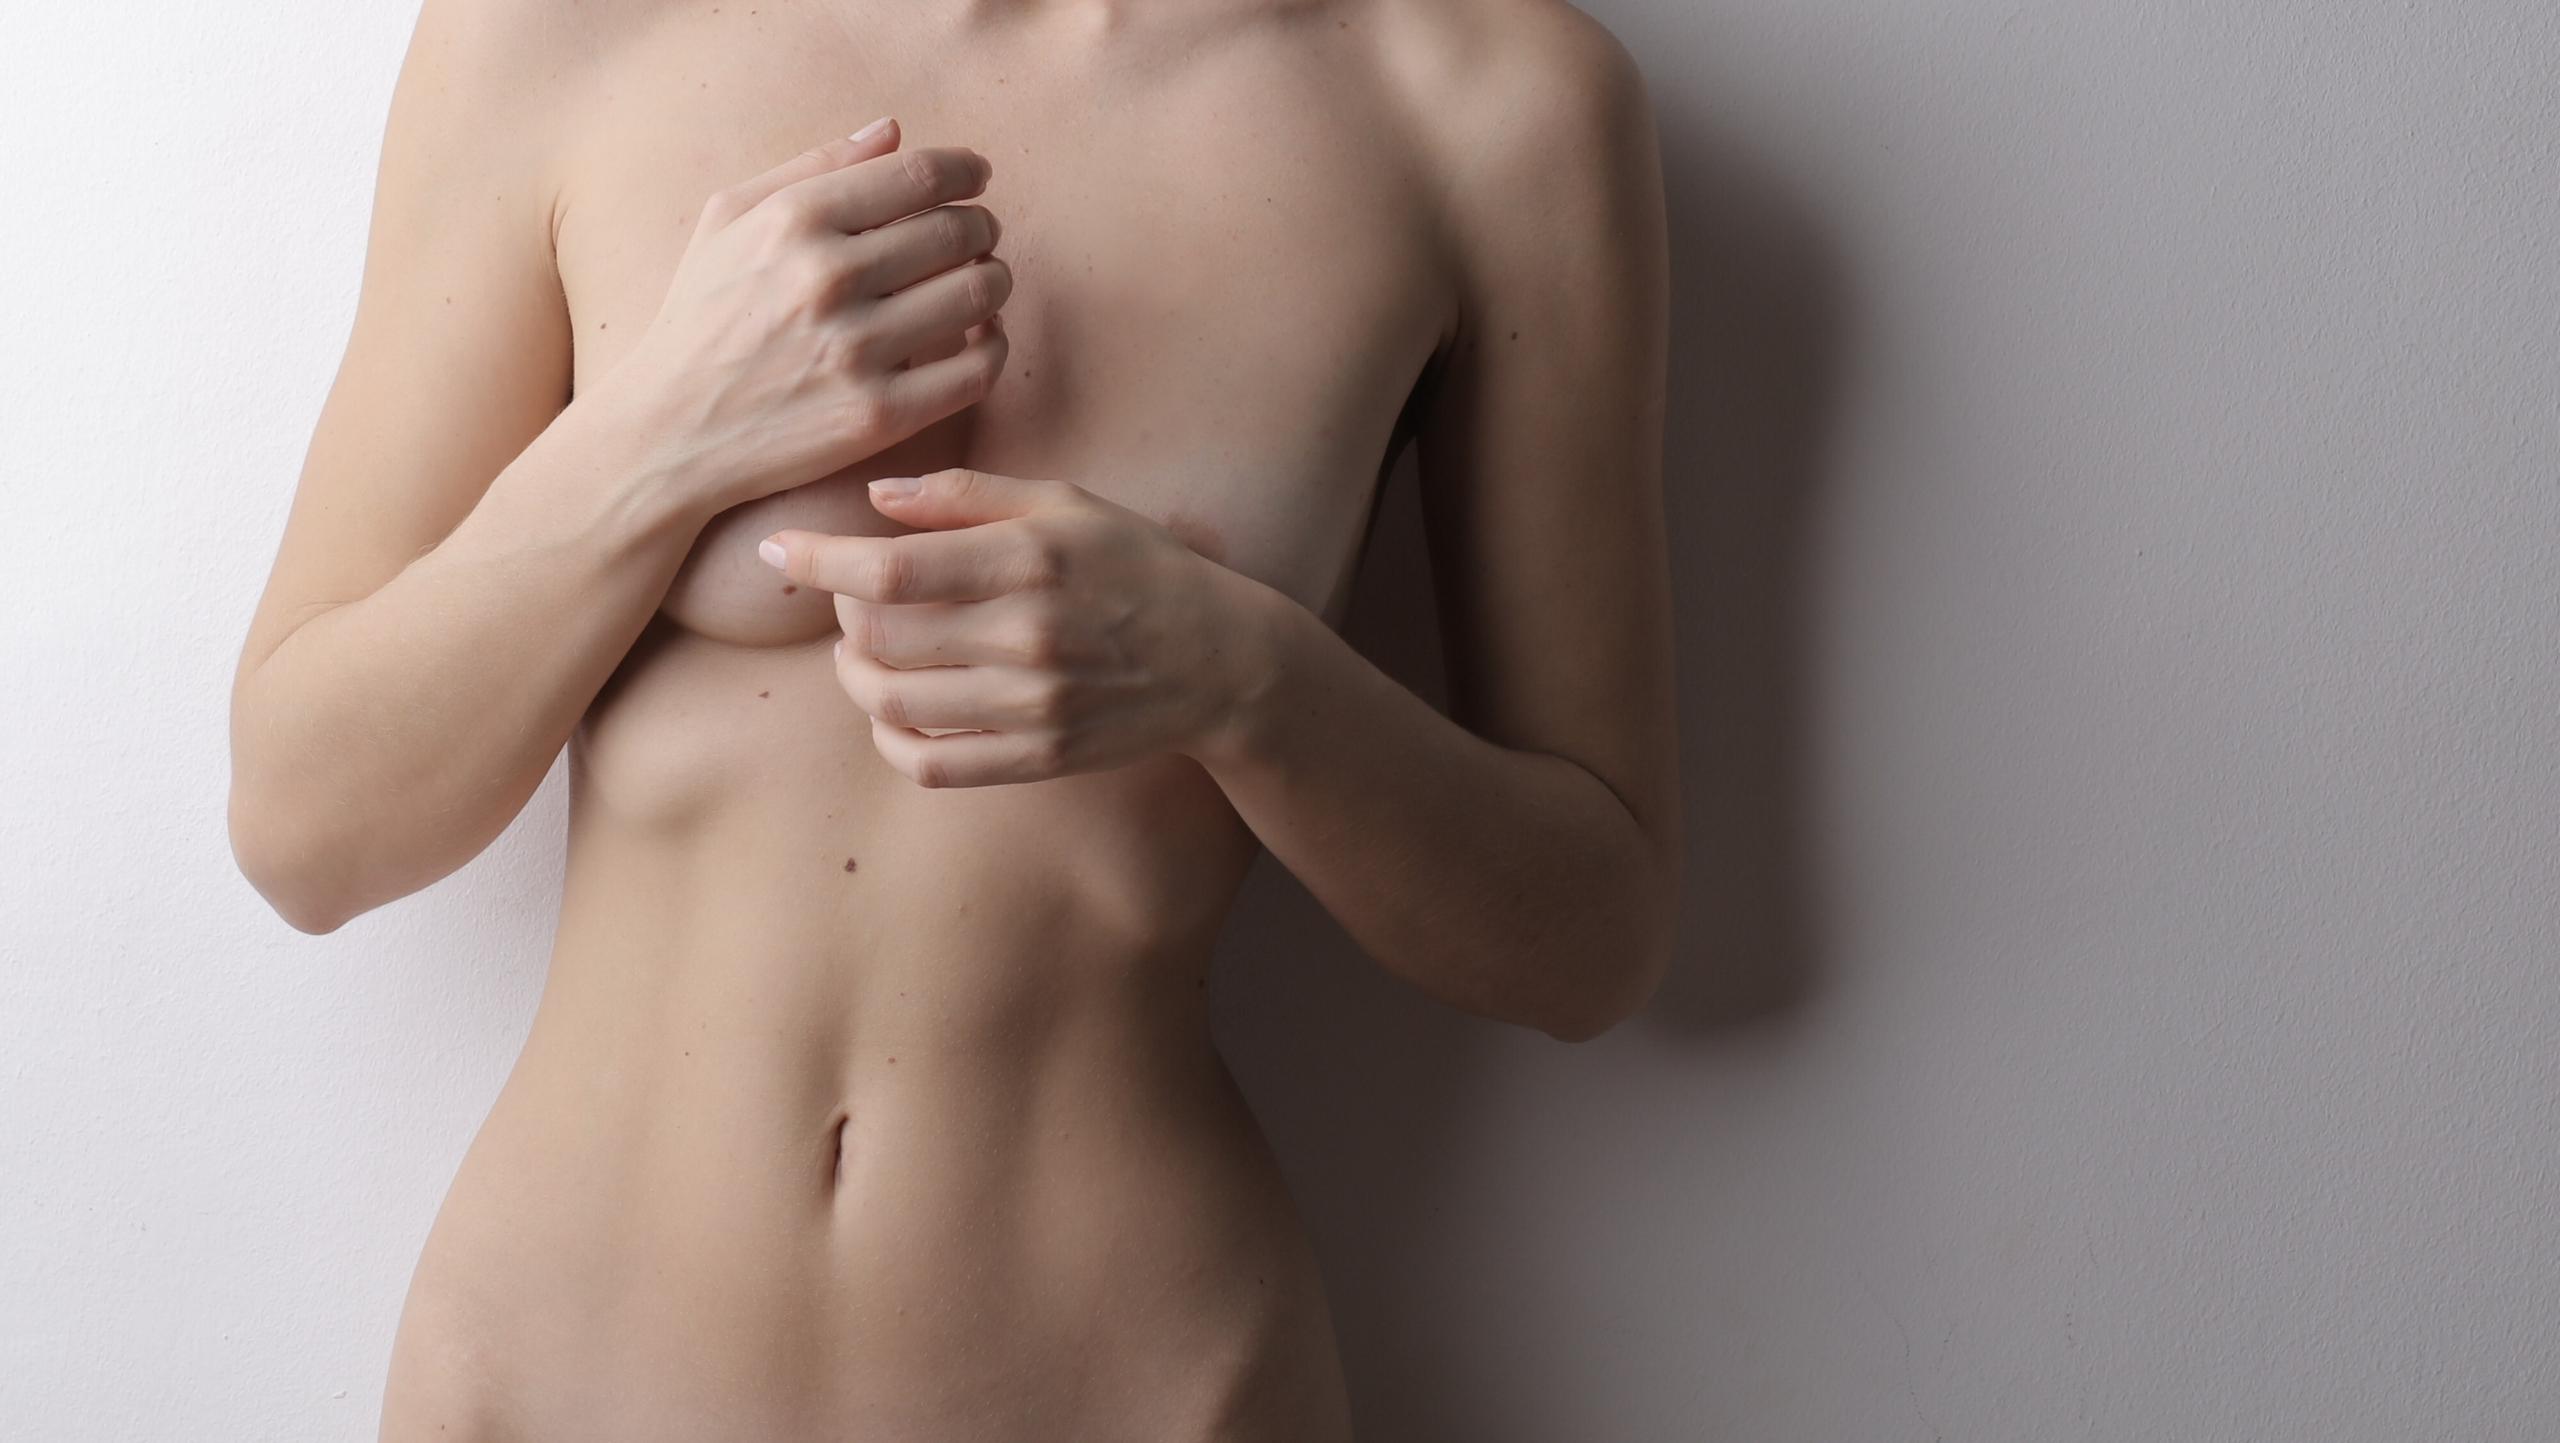 Der Krankheitsverlauf bei Brustkrebs